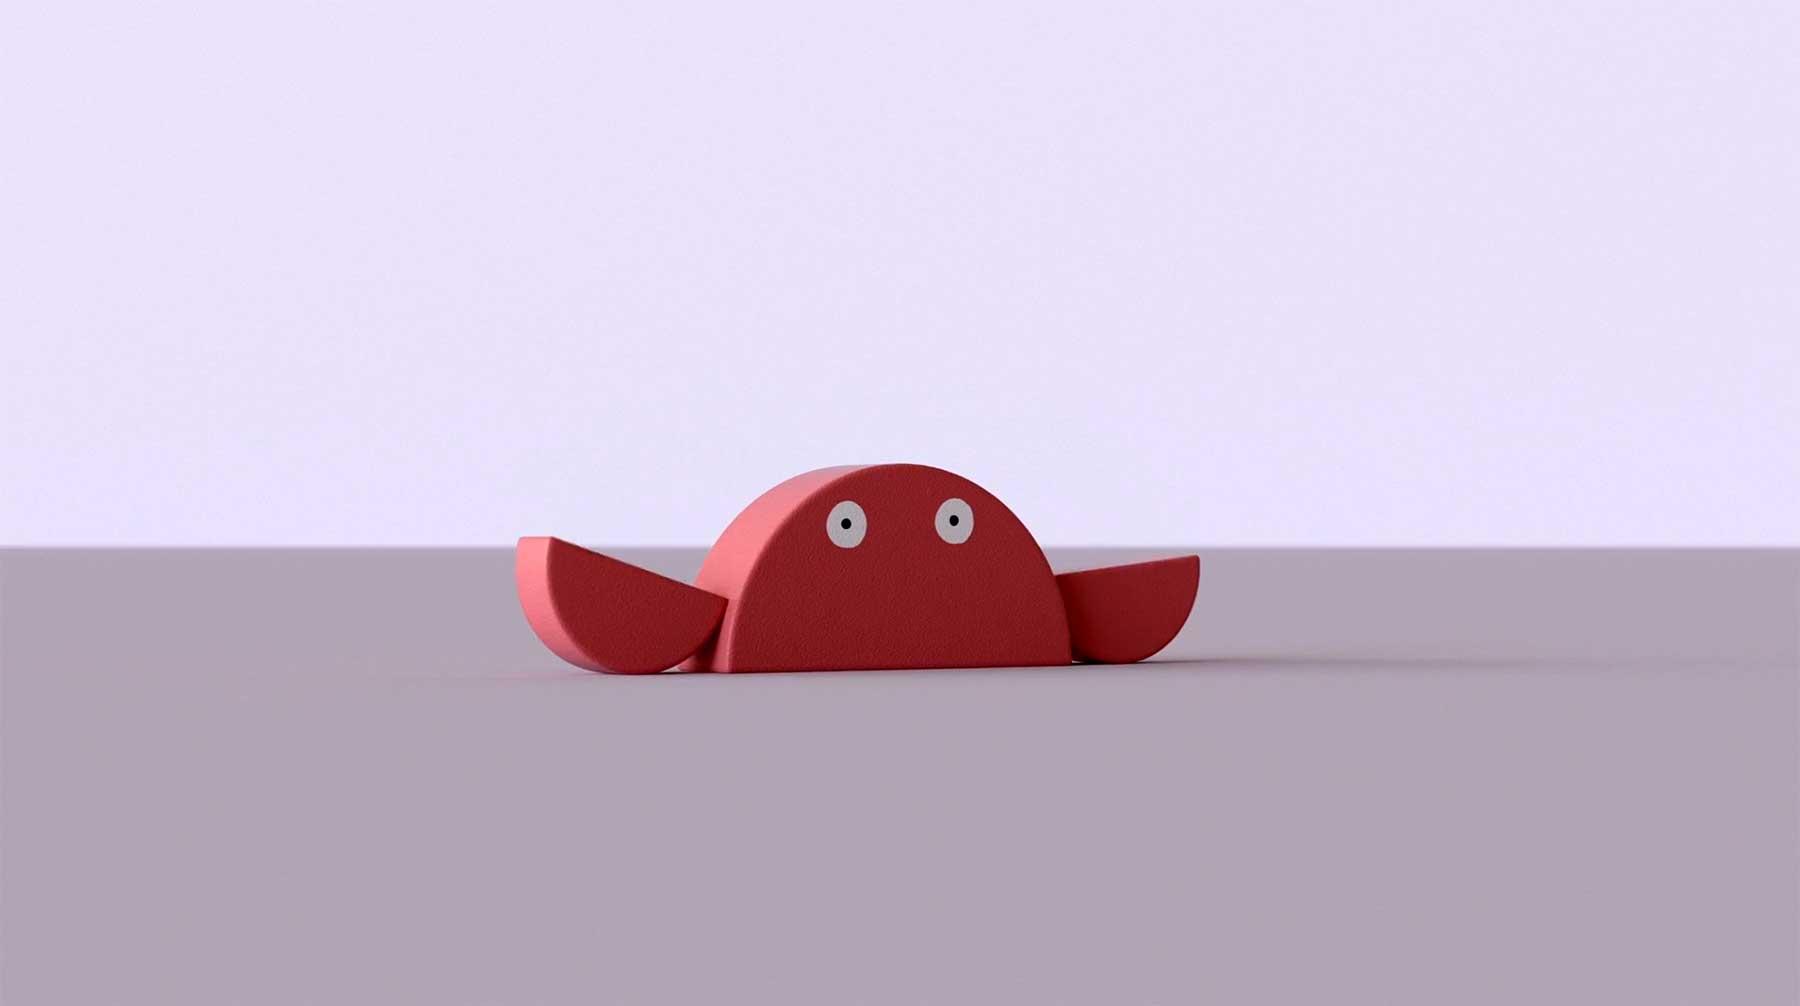 Minimalistische Tiere aus geometrischen Formen